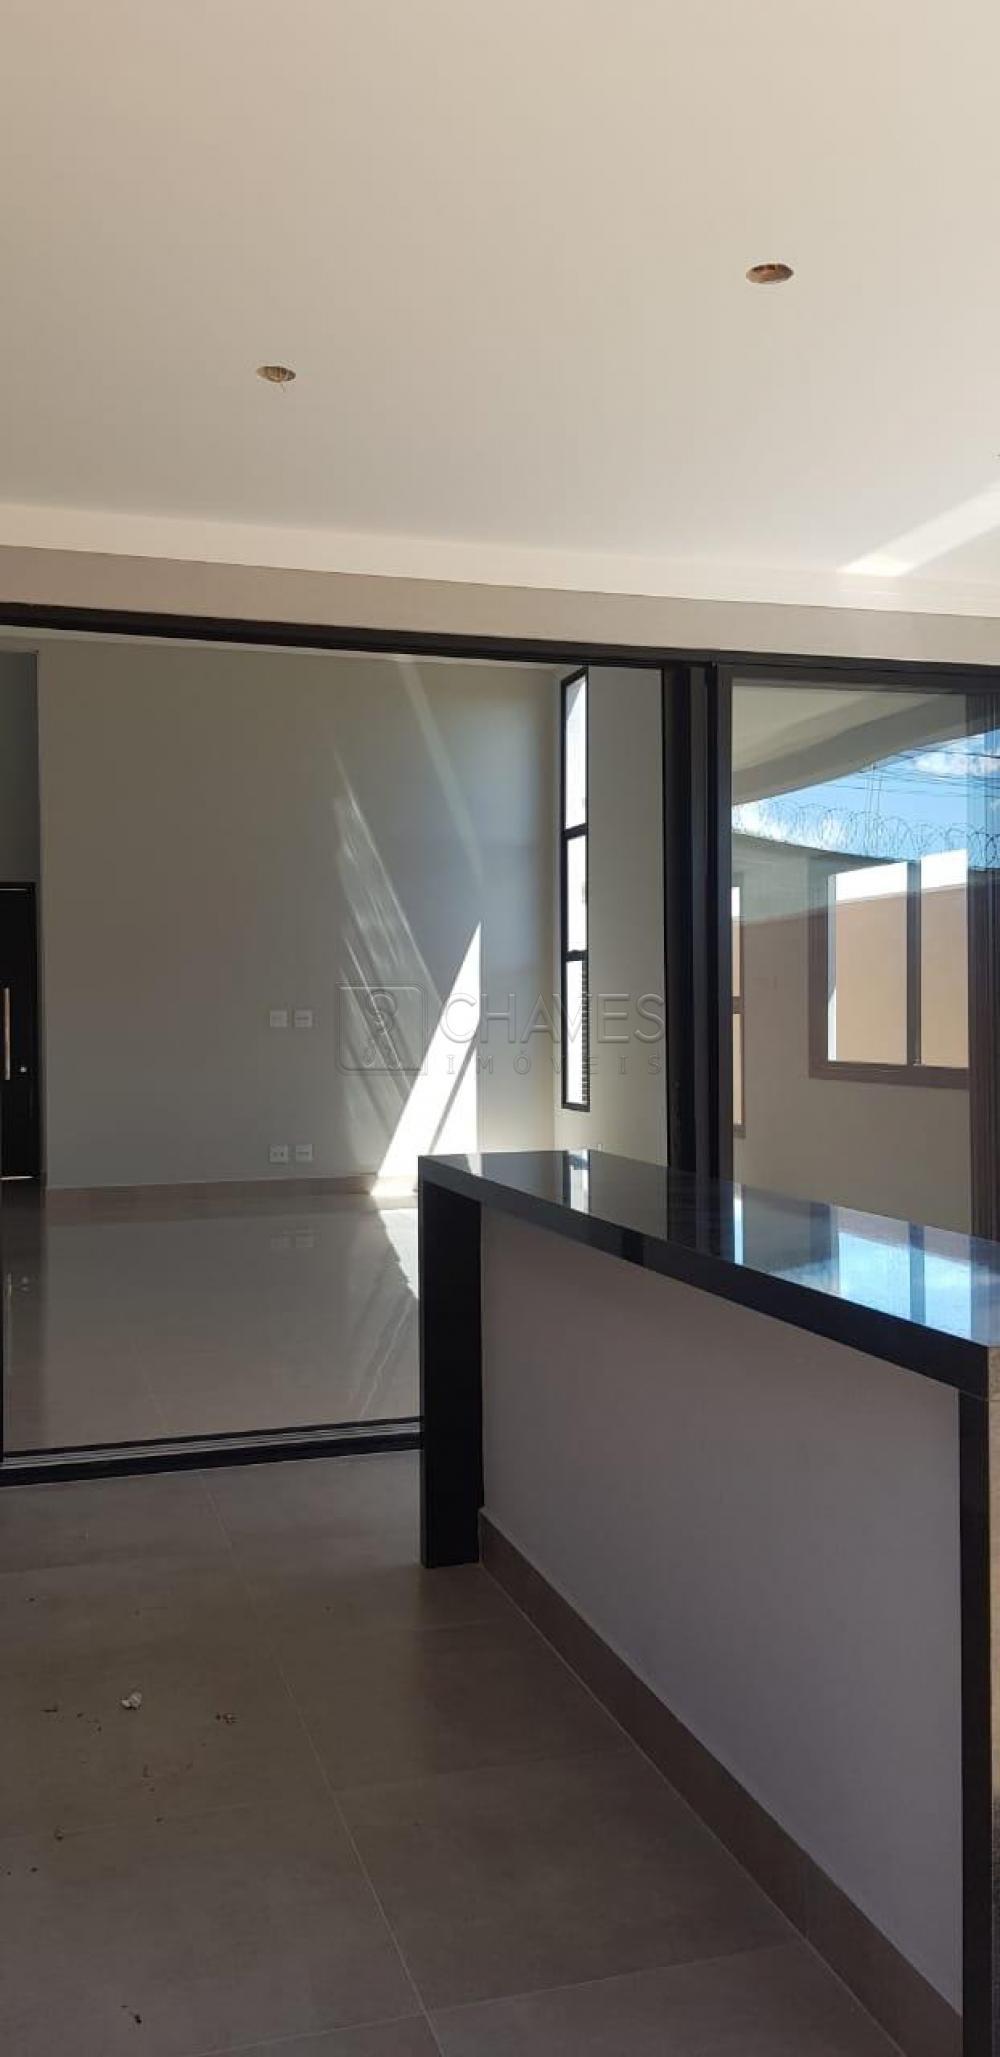 Comprar Casa / Condomínio em Ribeirão Preto apenas R$ 970.000,00 - Foto 11